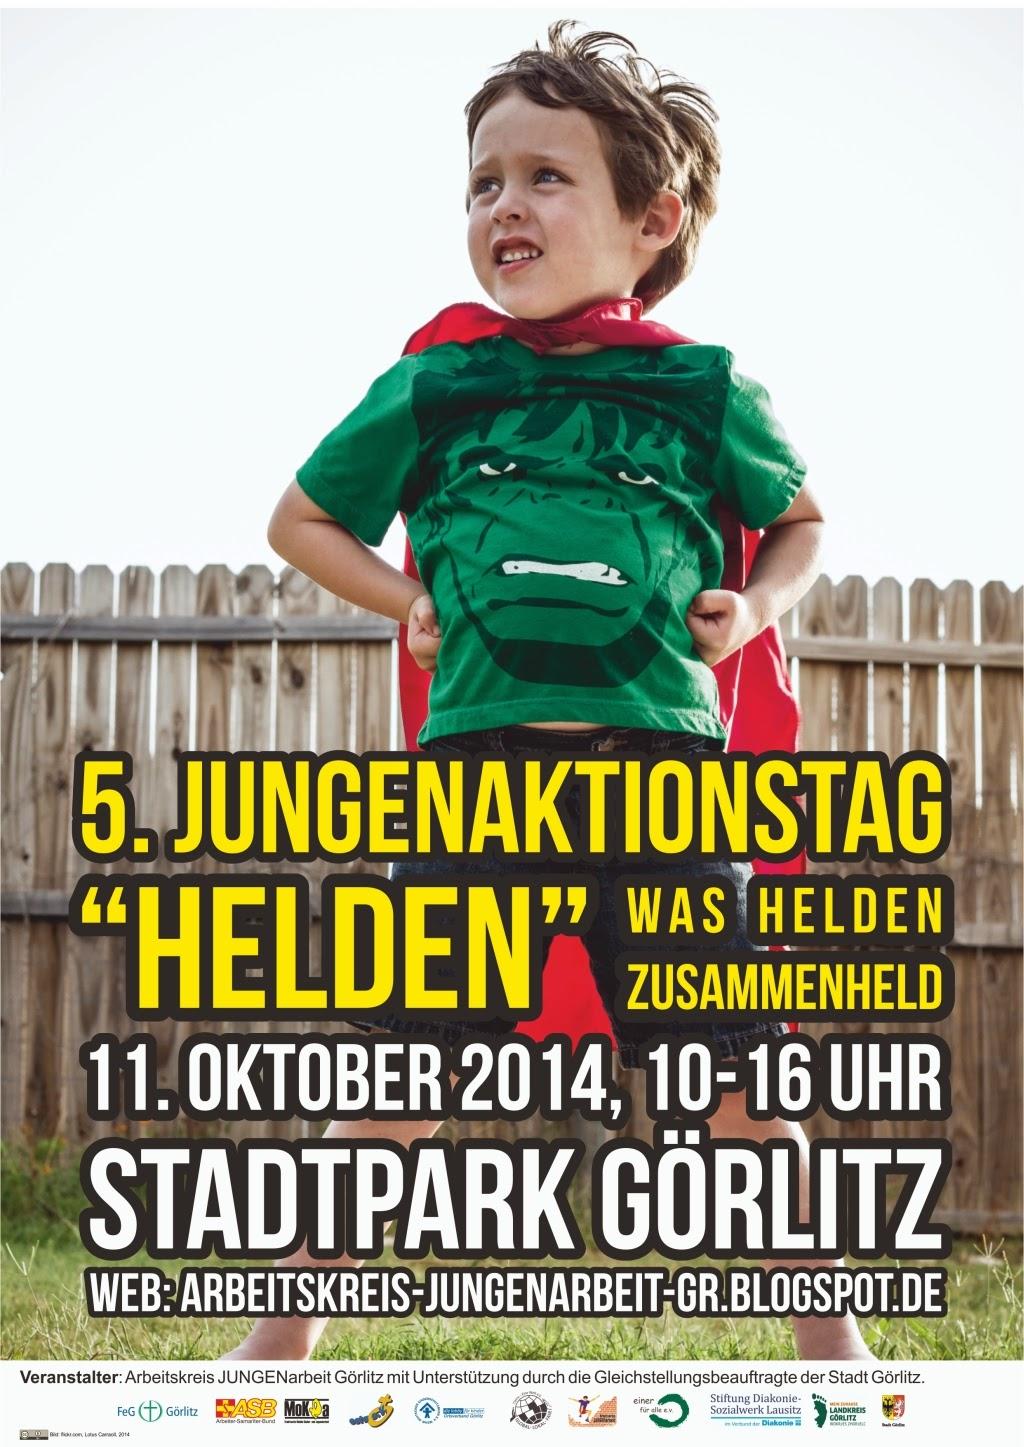 5. Jungenaktionstag in Görlitz - 11. Oktober 2014